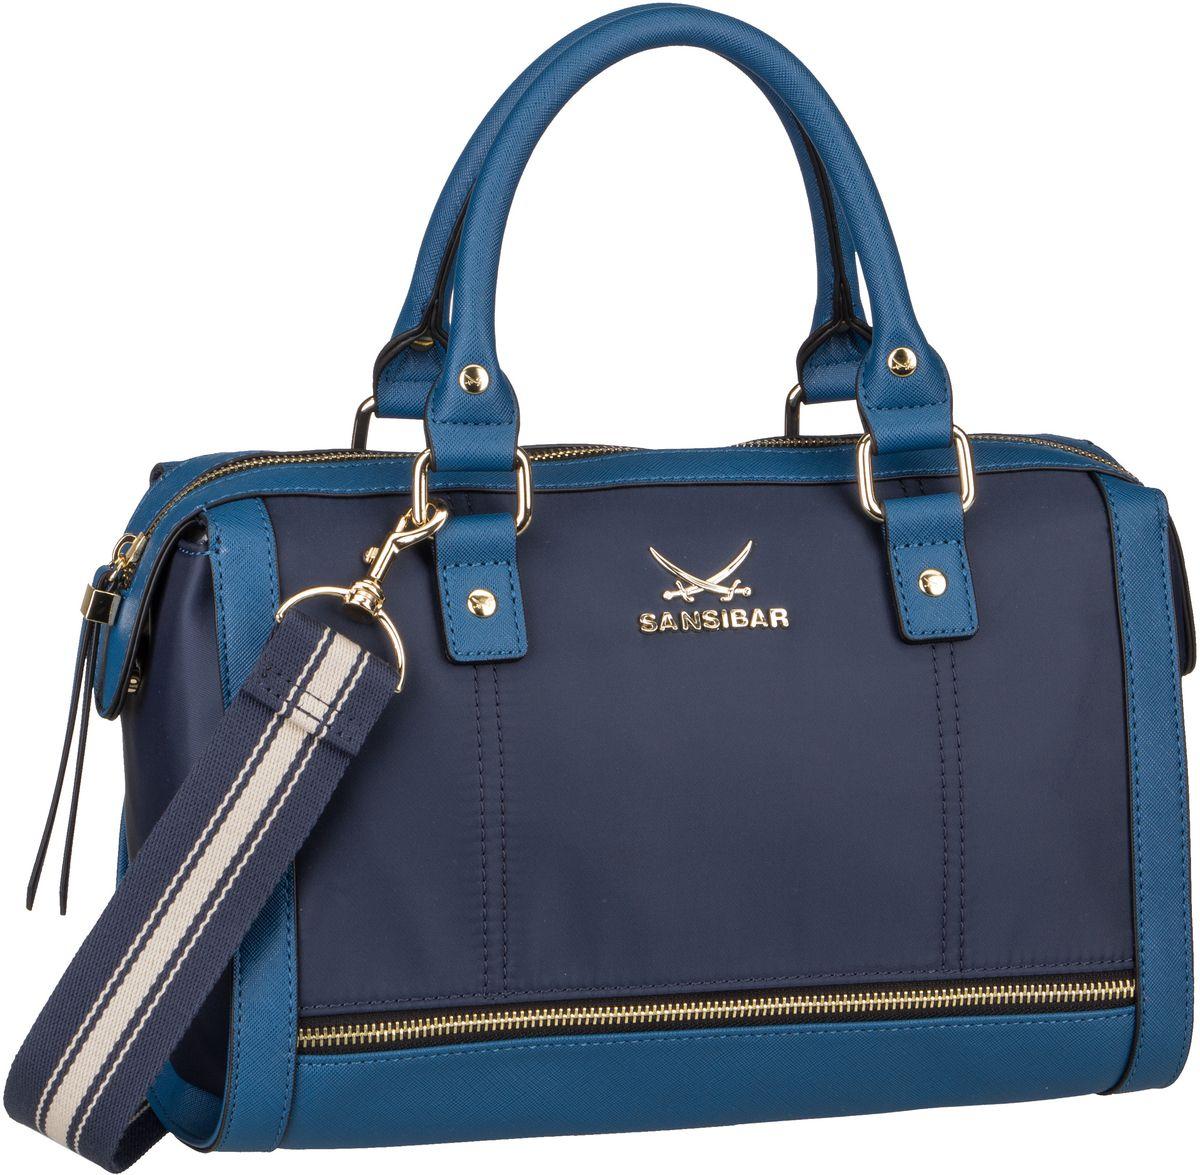 Handtasche Zip Bag 1280 Navy